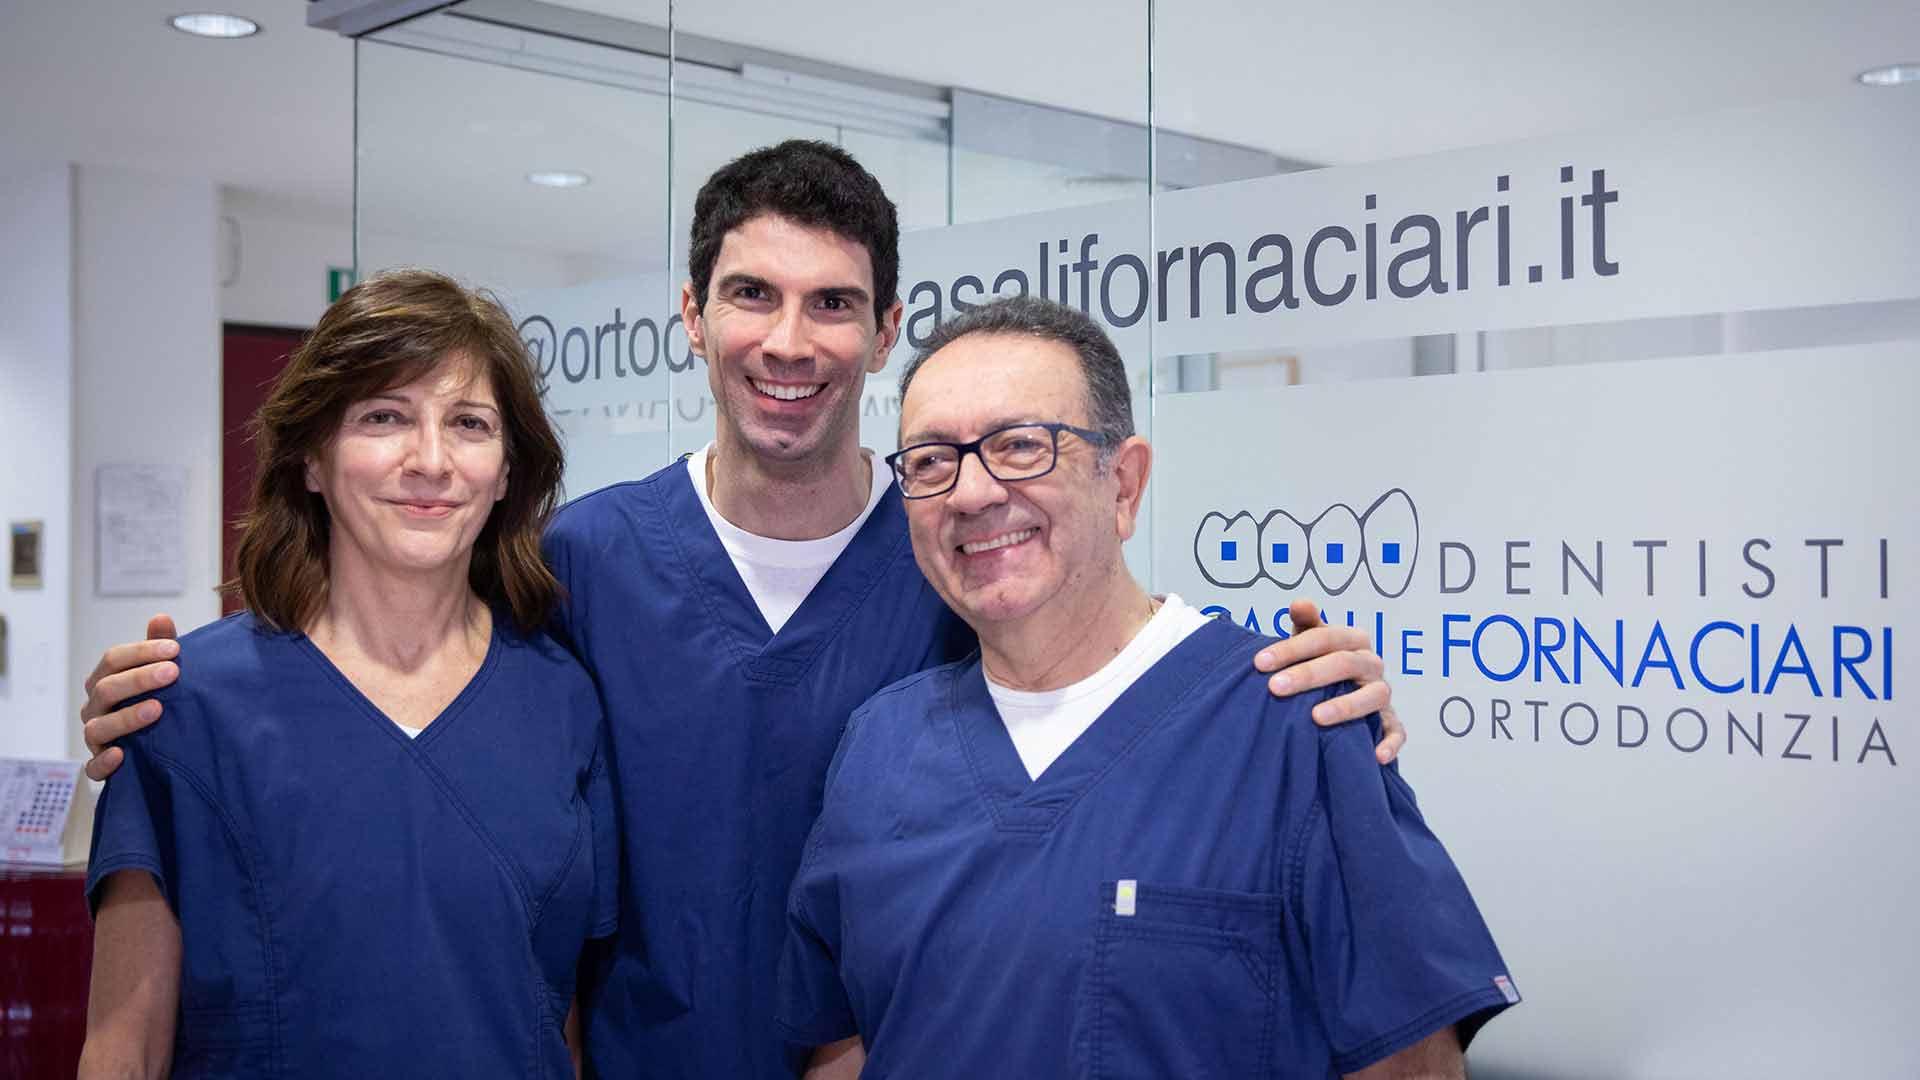 Immagine dei tre medici operanti nello studio